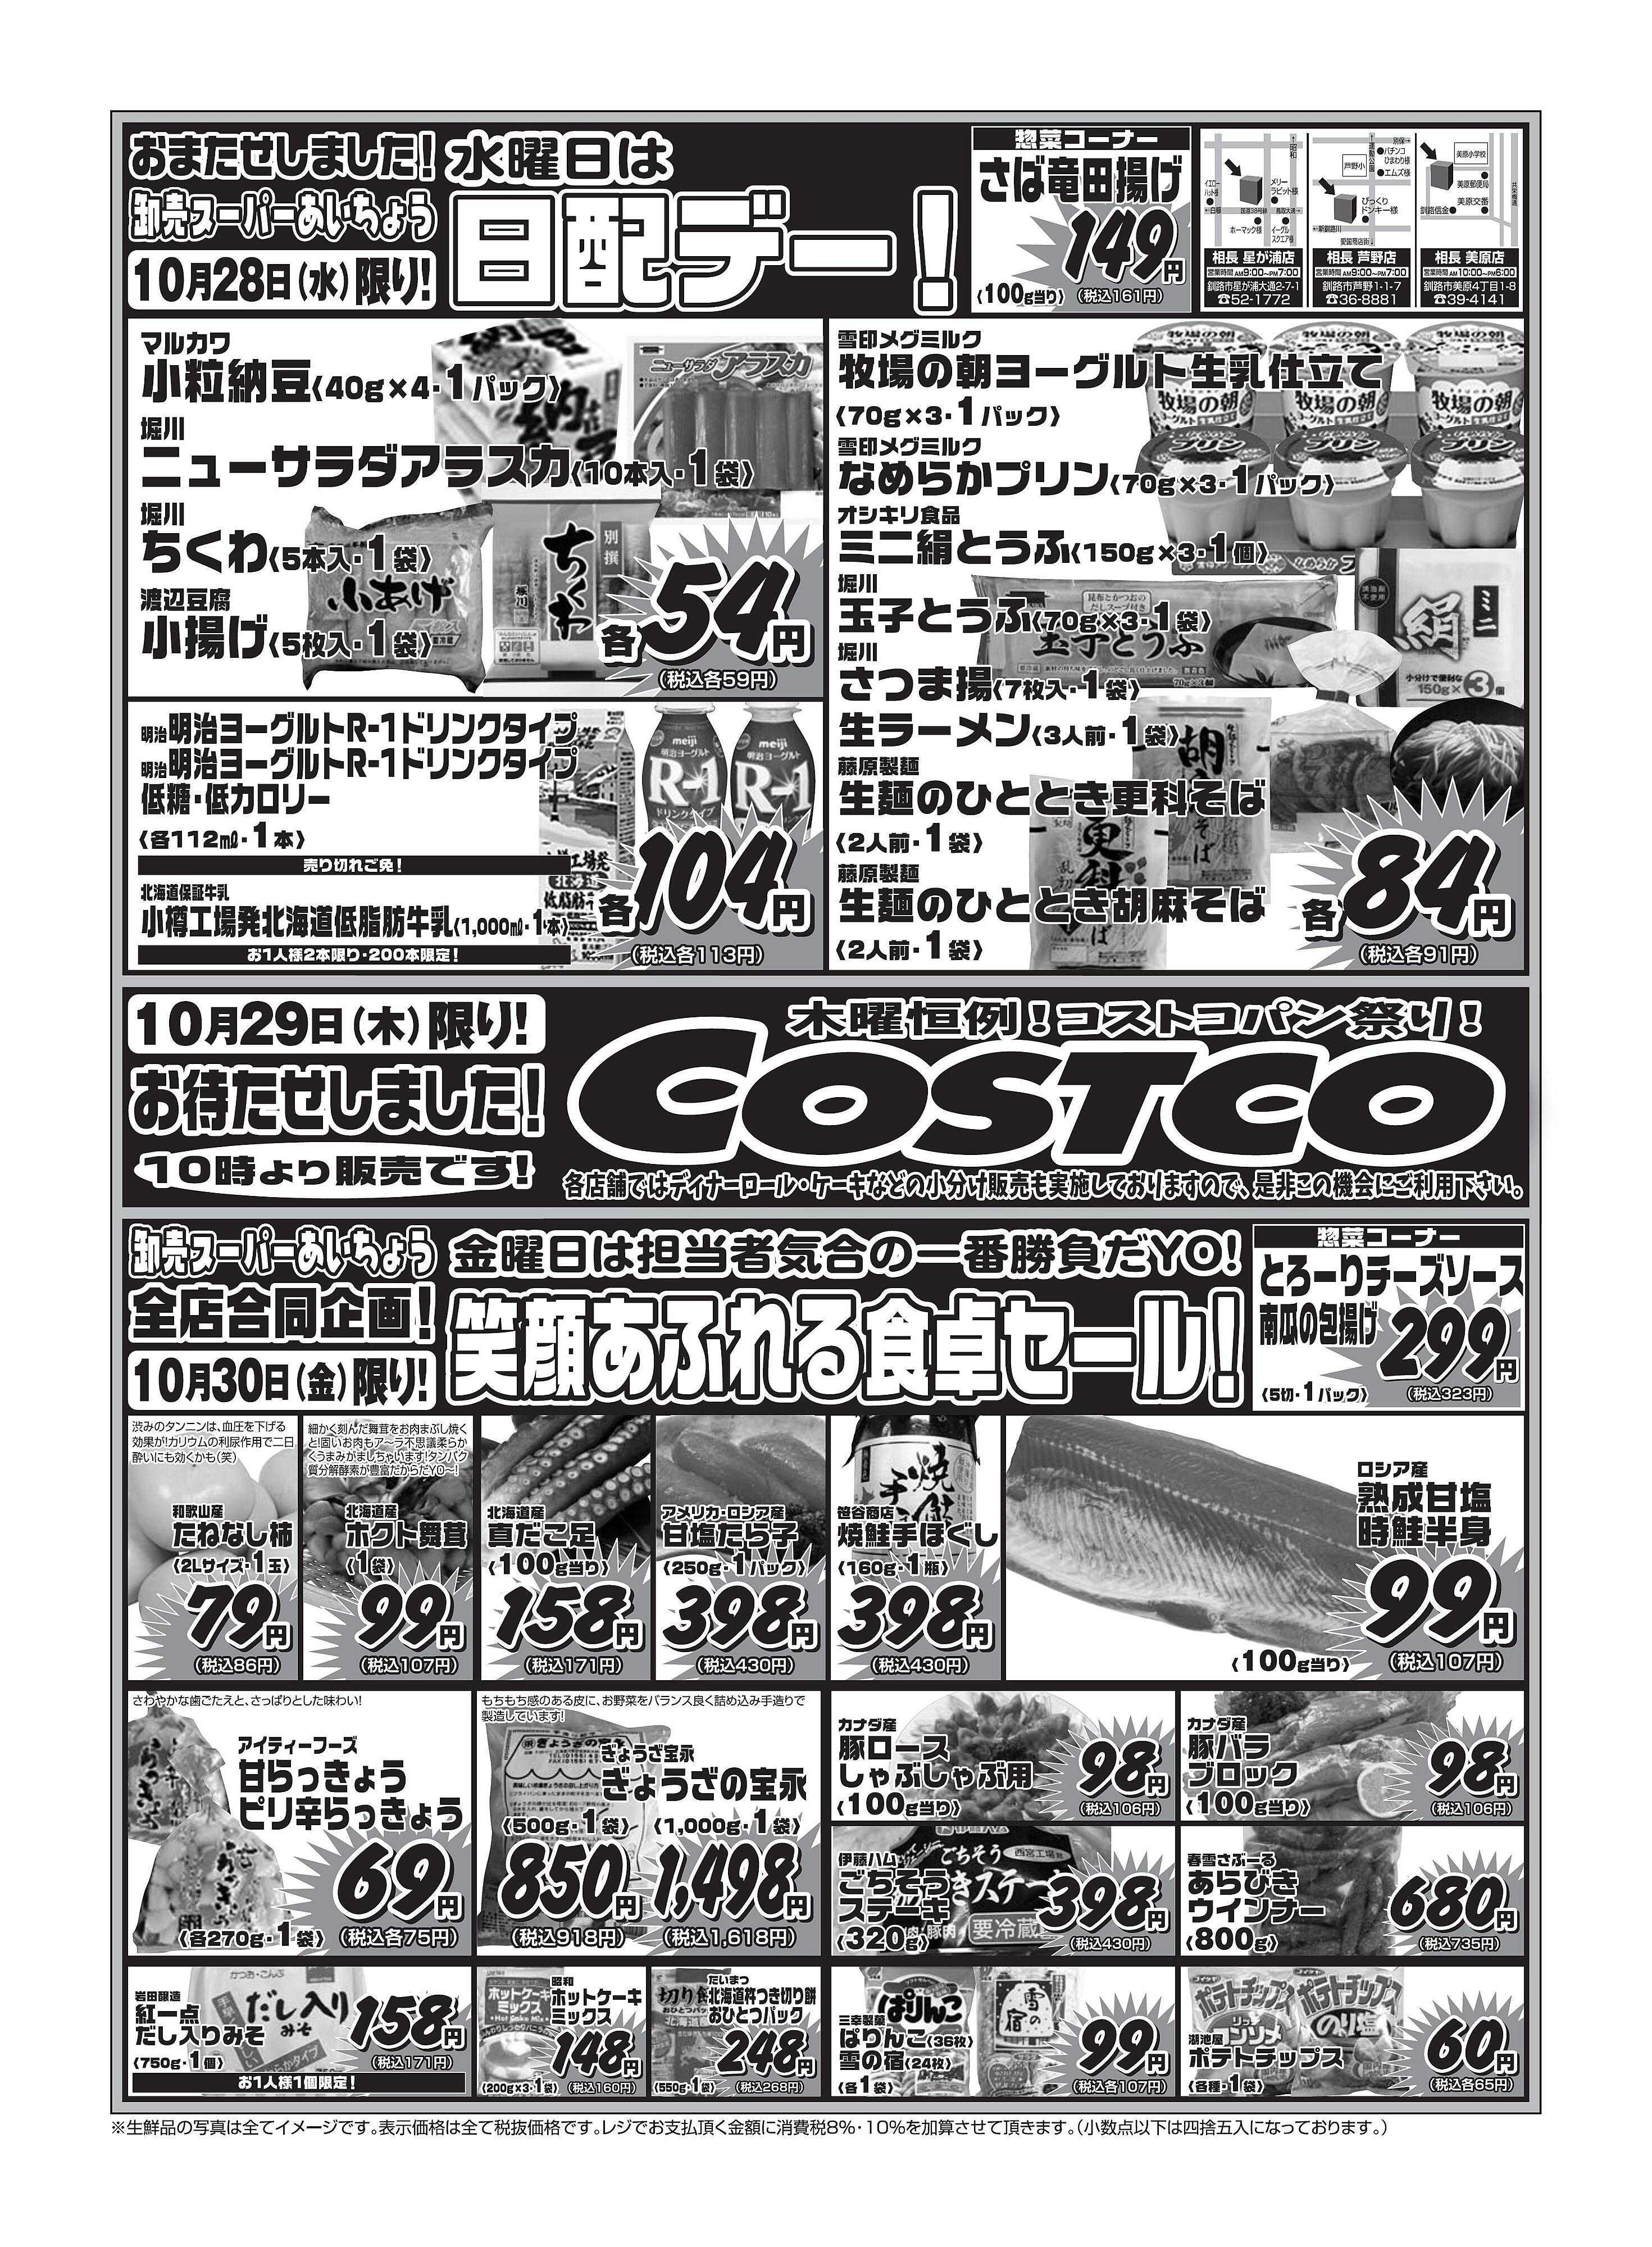 全日食チェーン 水曜日配デーから金曜日までの黄金プライス3日間!